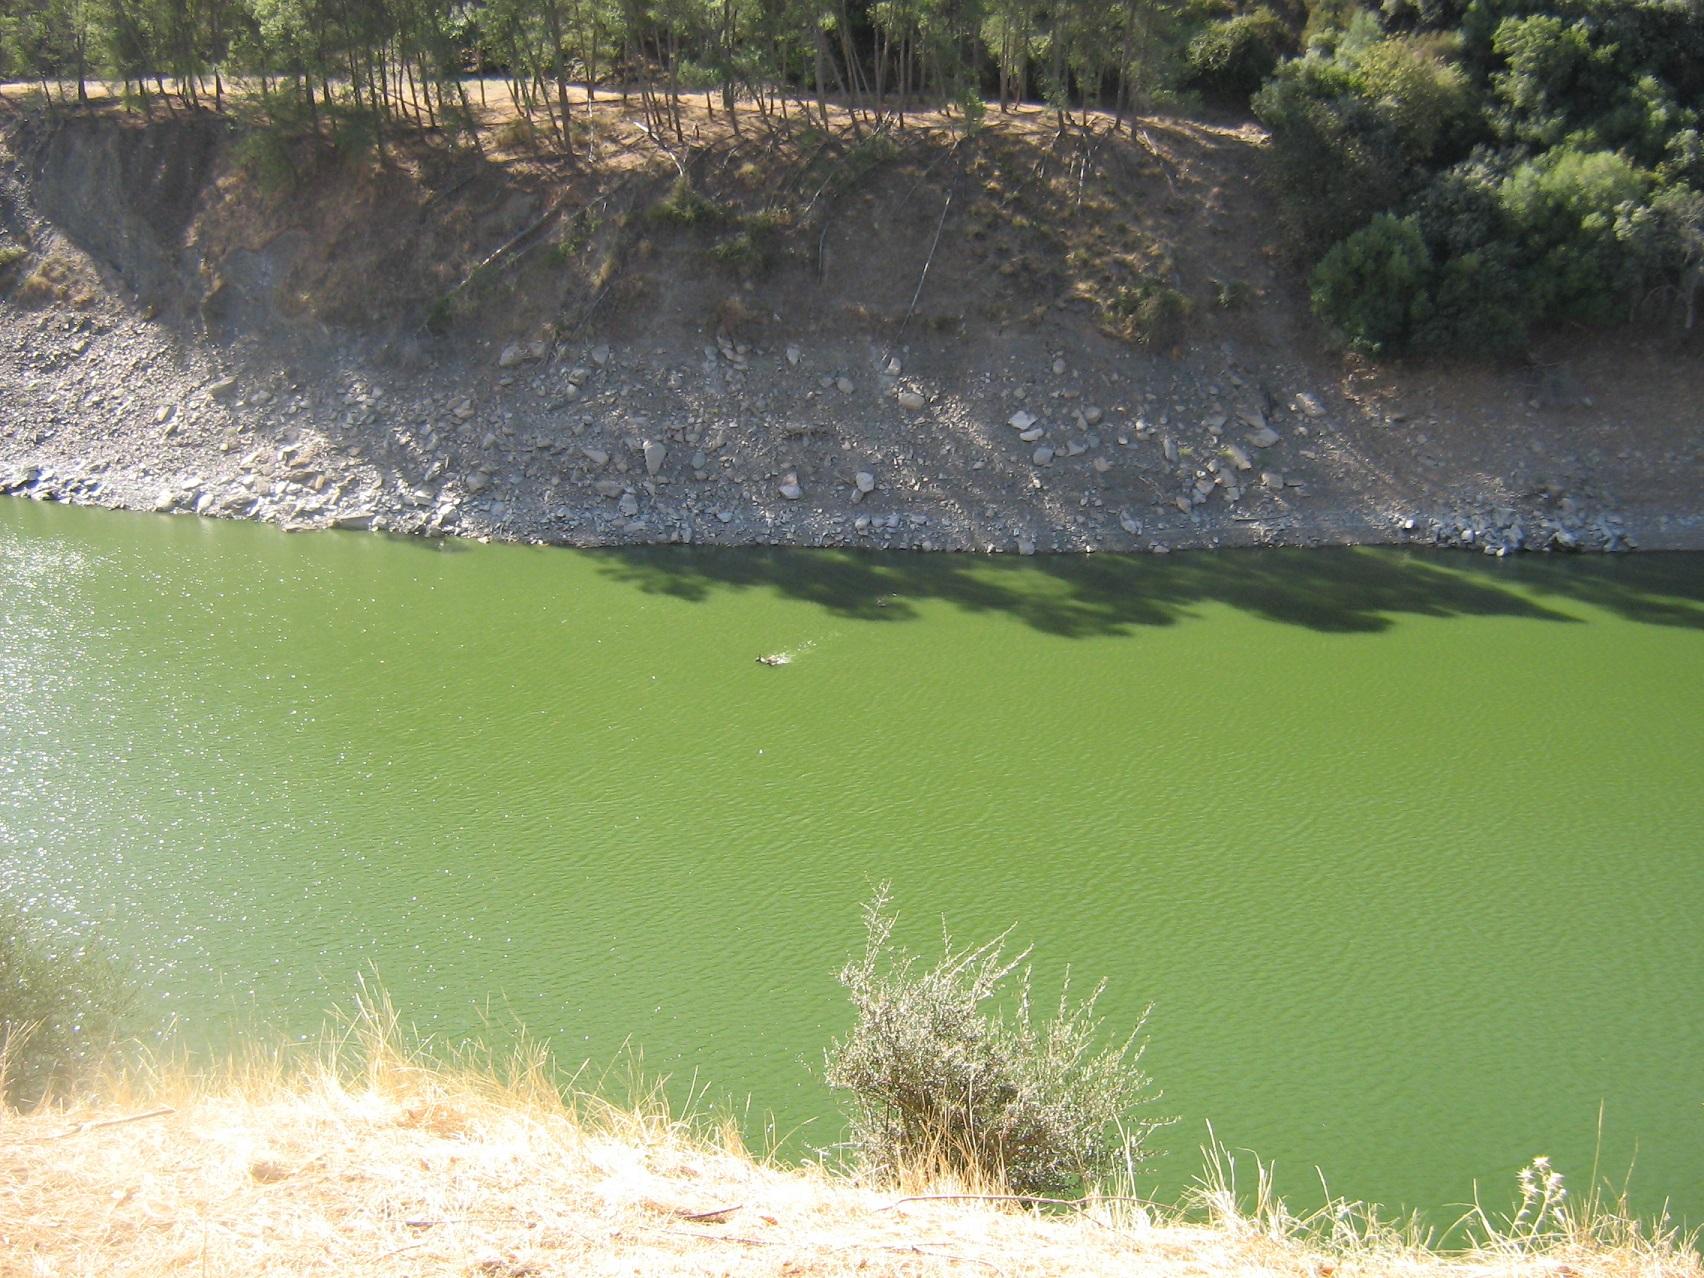 Ciervos nadando en el río, de lejos (voy cruzando el río parecen decir)